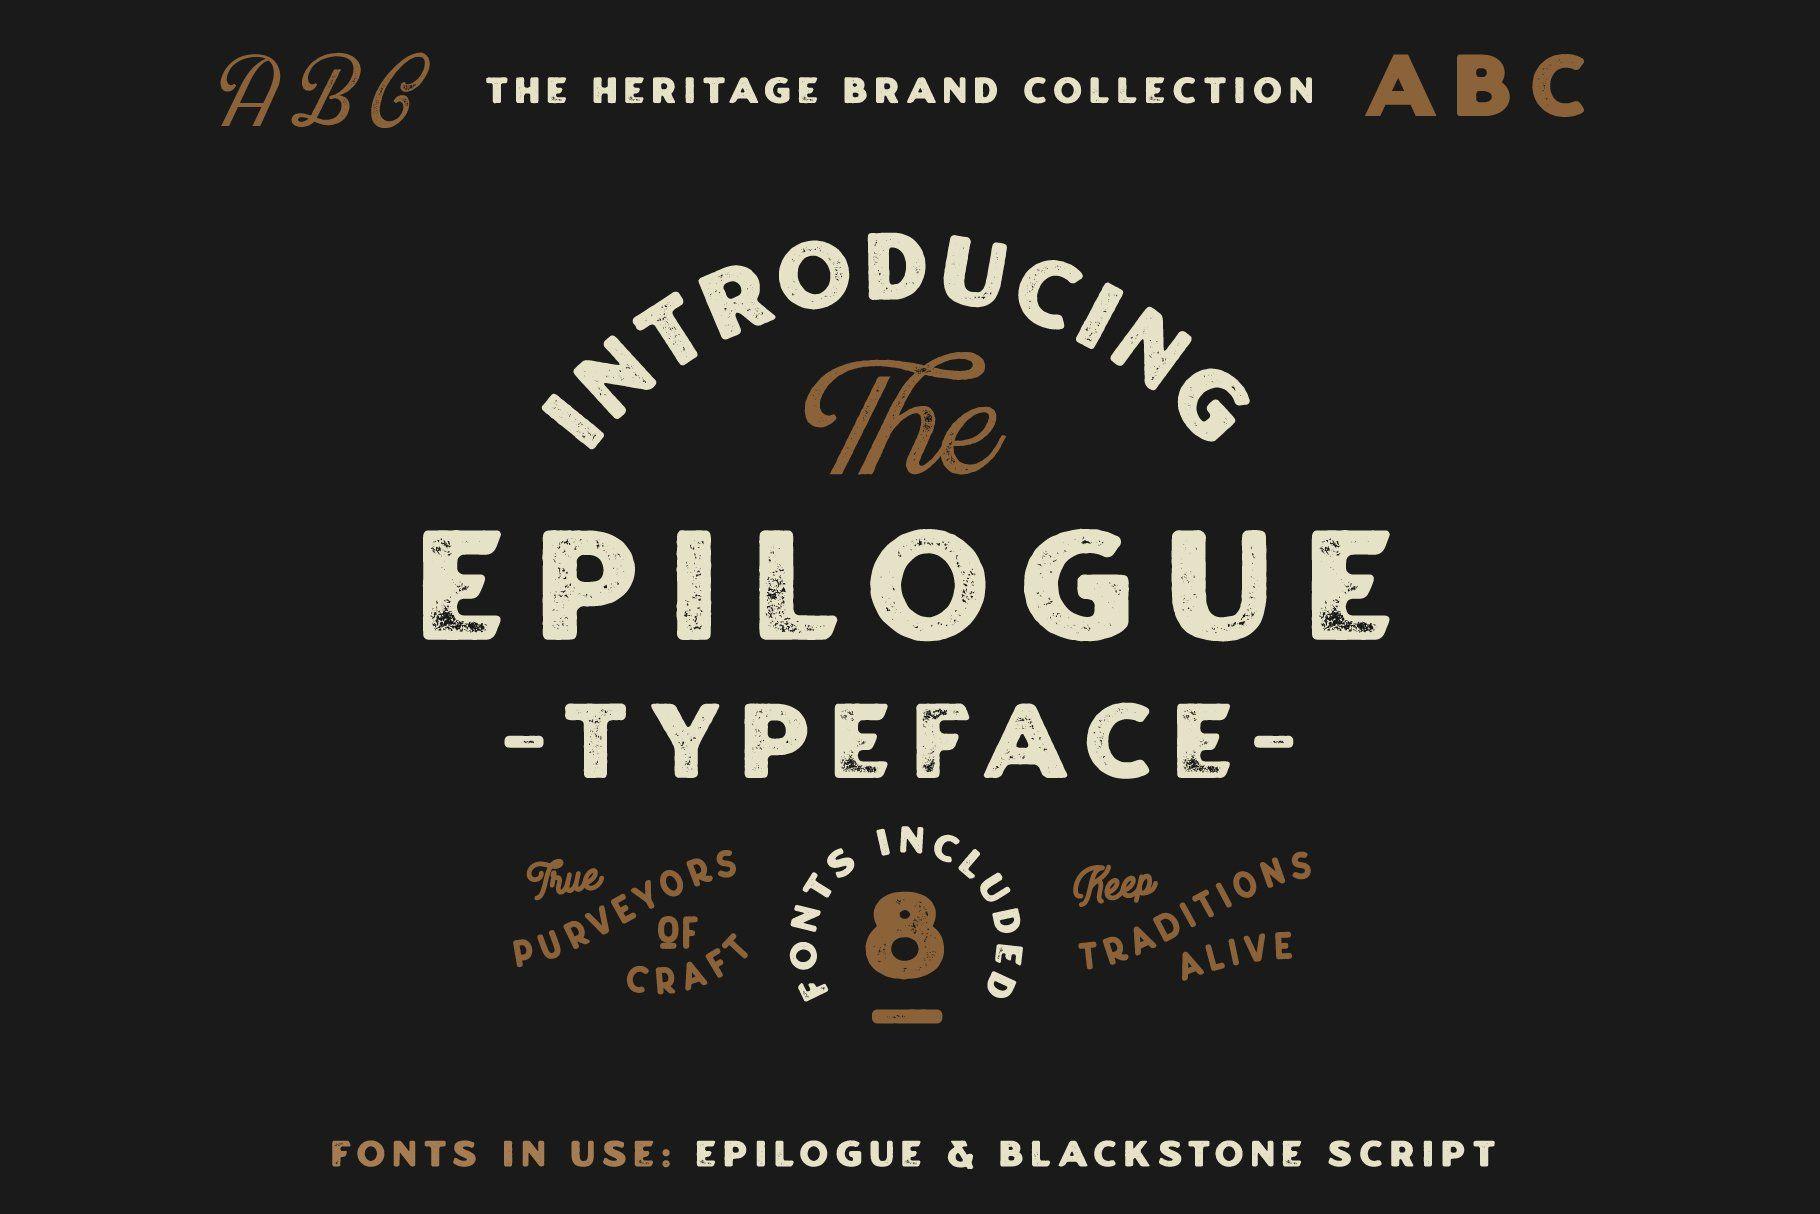 The Heritage Brand Collection trong 2020 (Có hình ảnh)